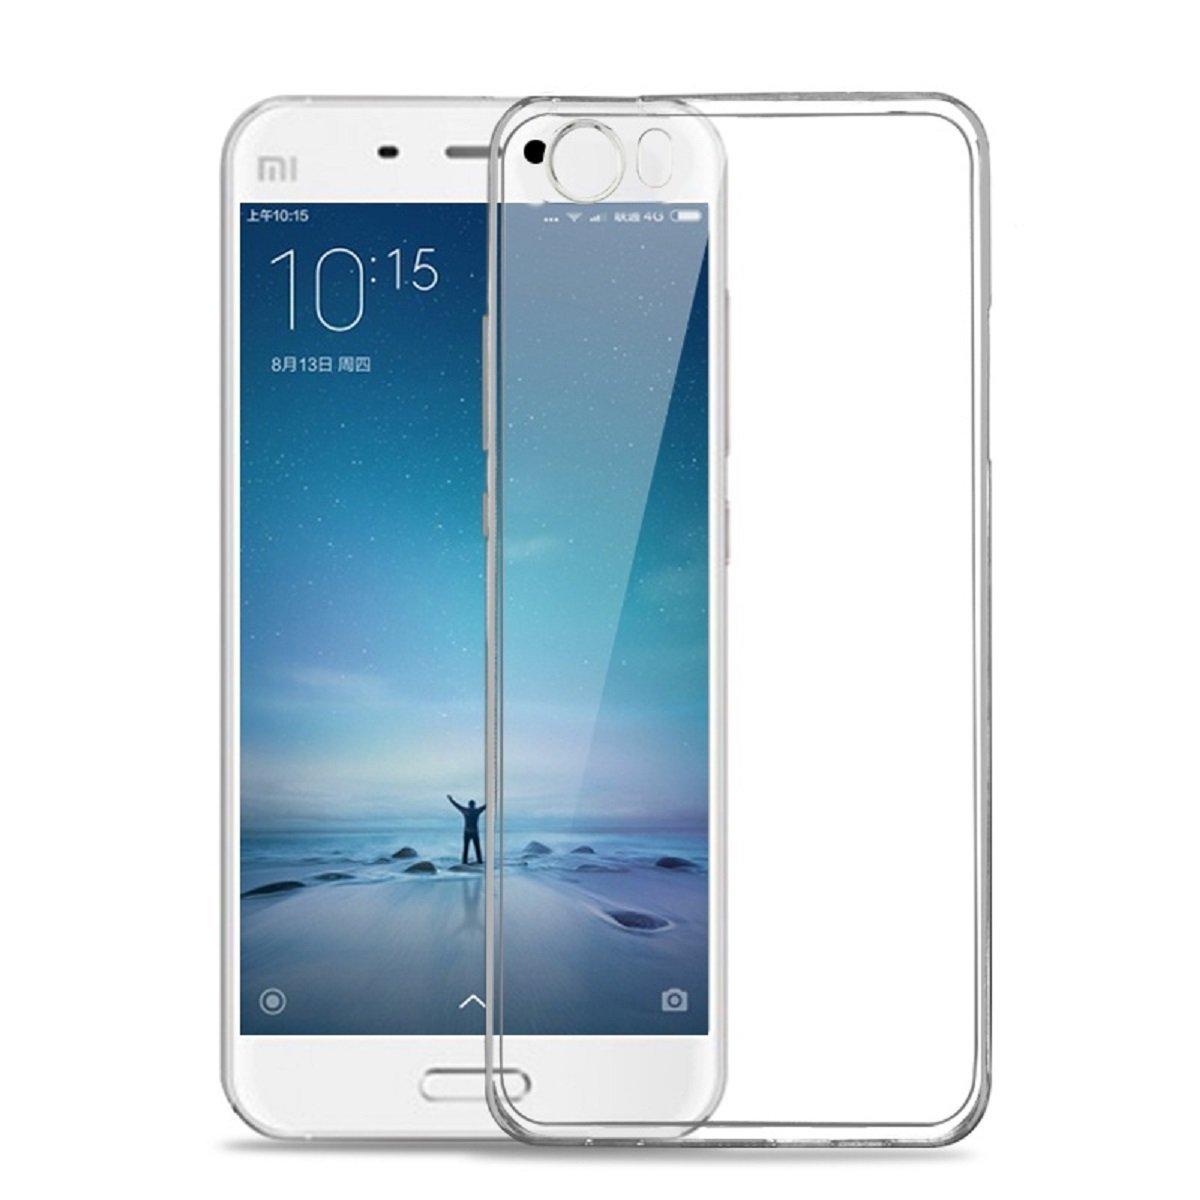 YOCY Vũ điện thoại vỏ mỏng series có thể áp dụng cho điện thoại di động với bột vỏ hạt kê 5 5 5 bảo